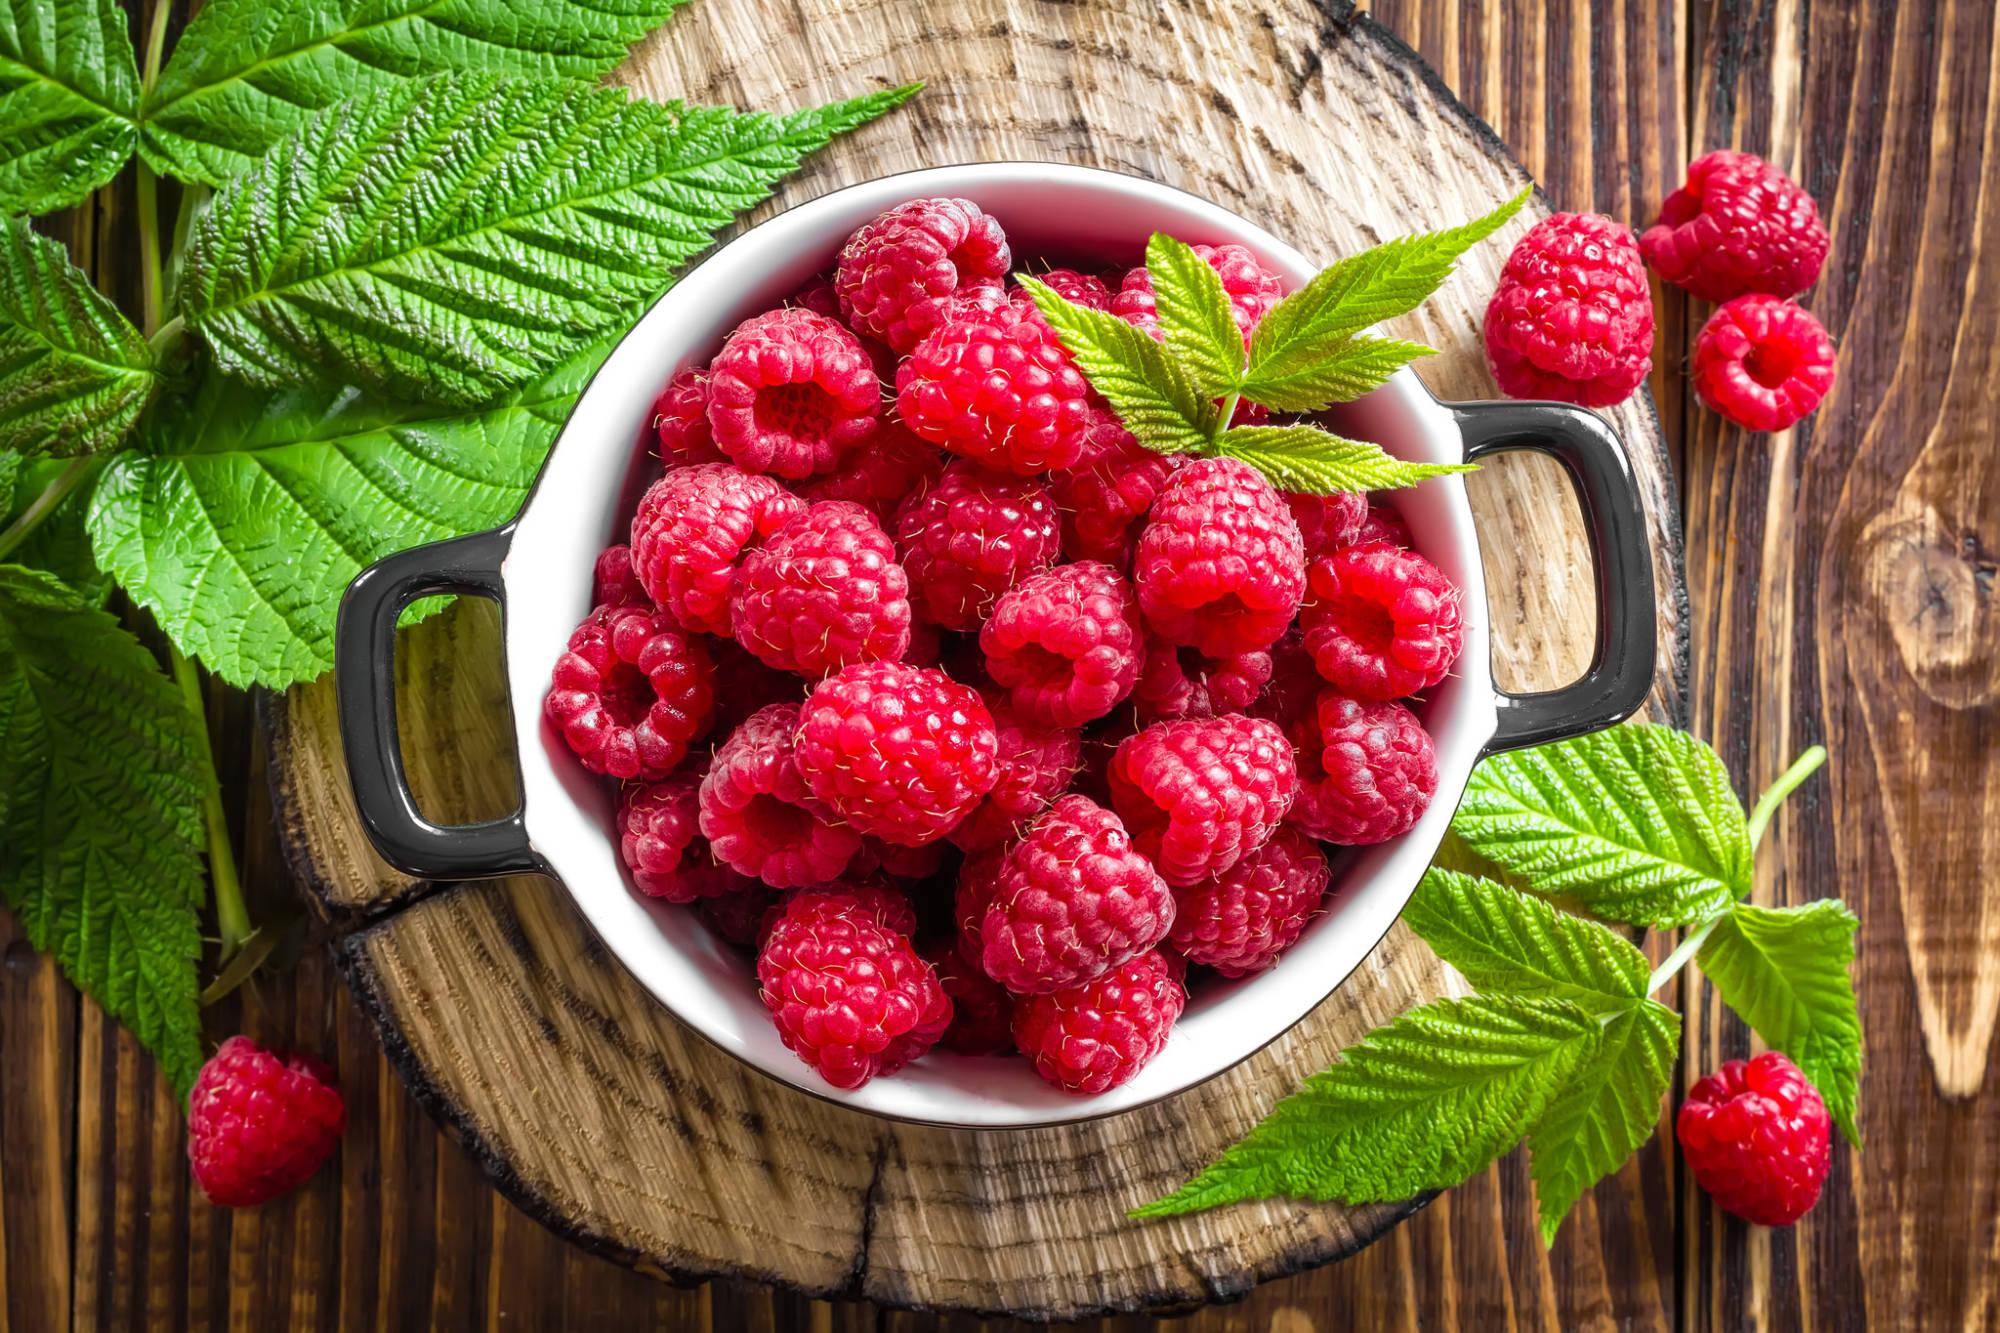 картинки с ягодами очень красивые что